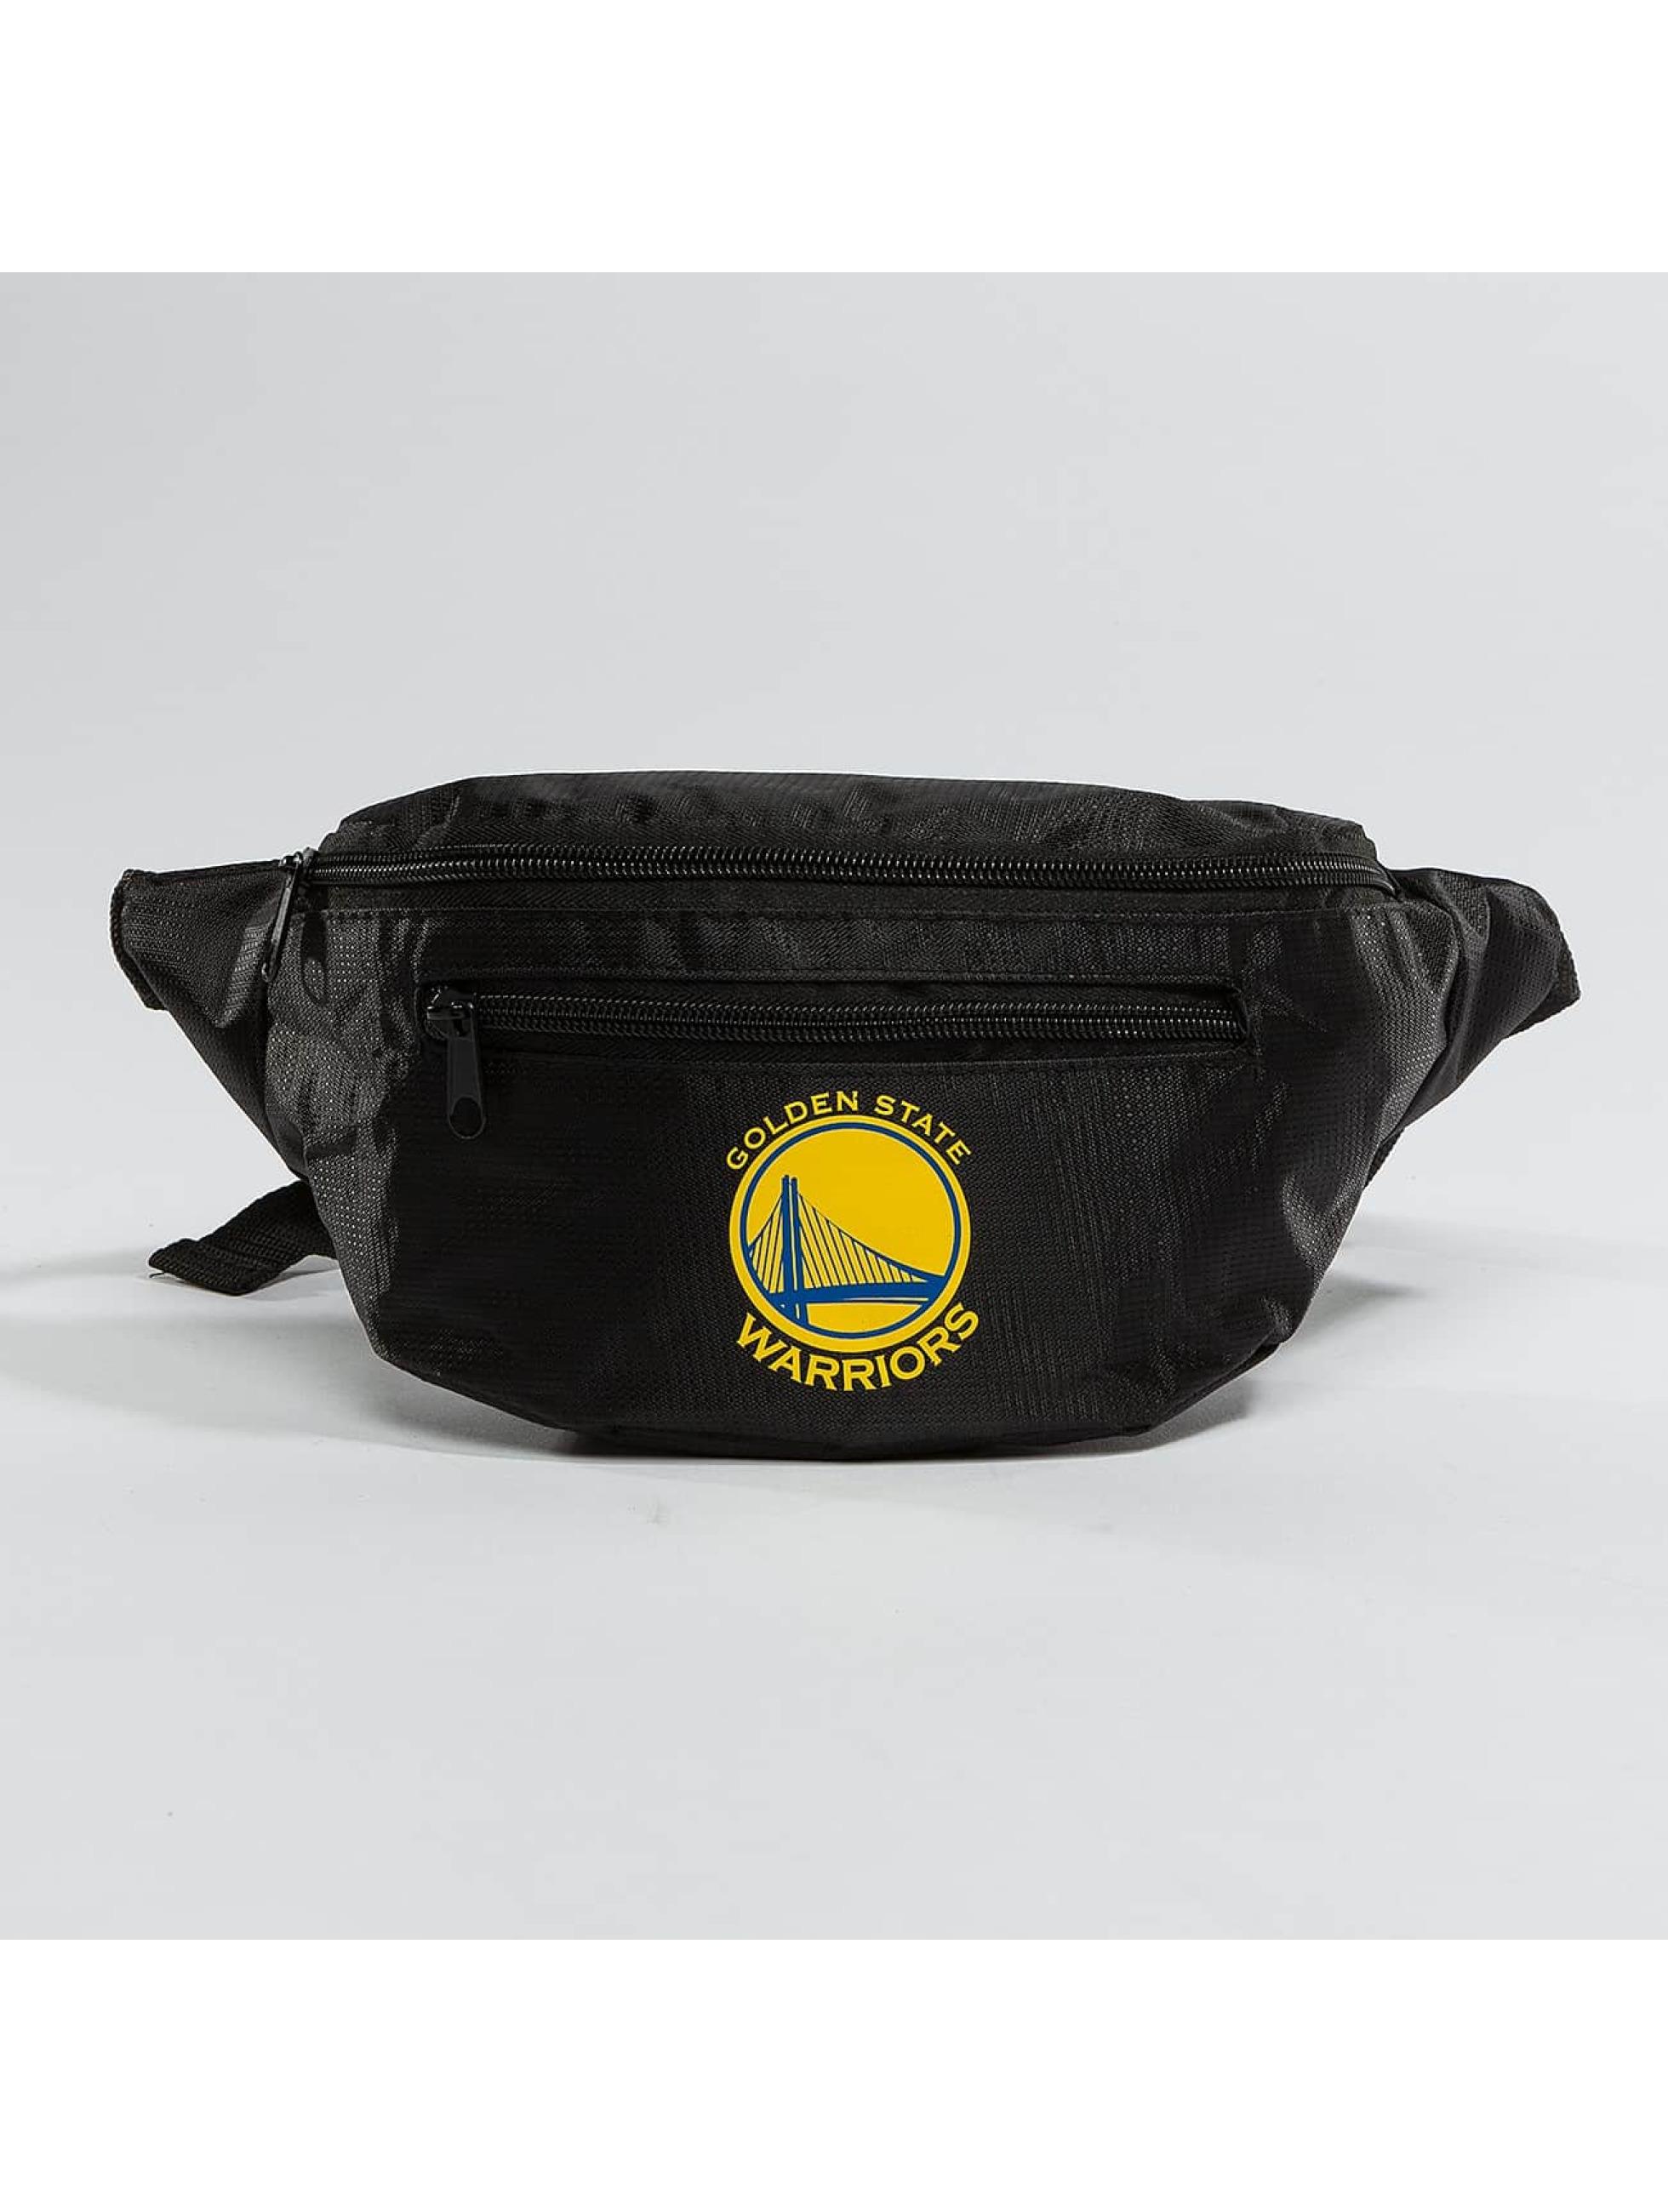 Forever Collectibles Männer,Frauen Tasche NBA Golden State Warriors in schwarz